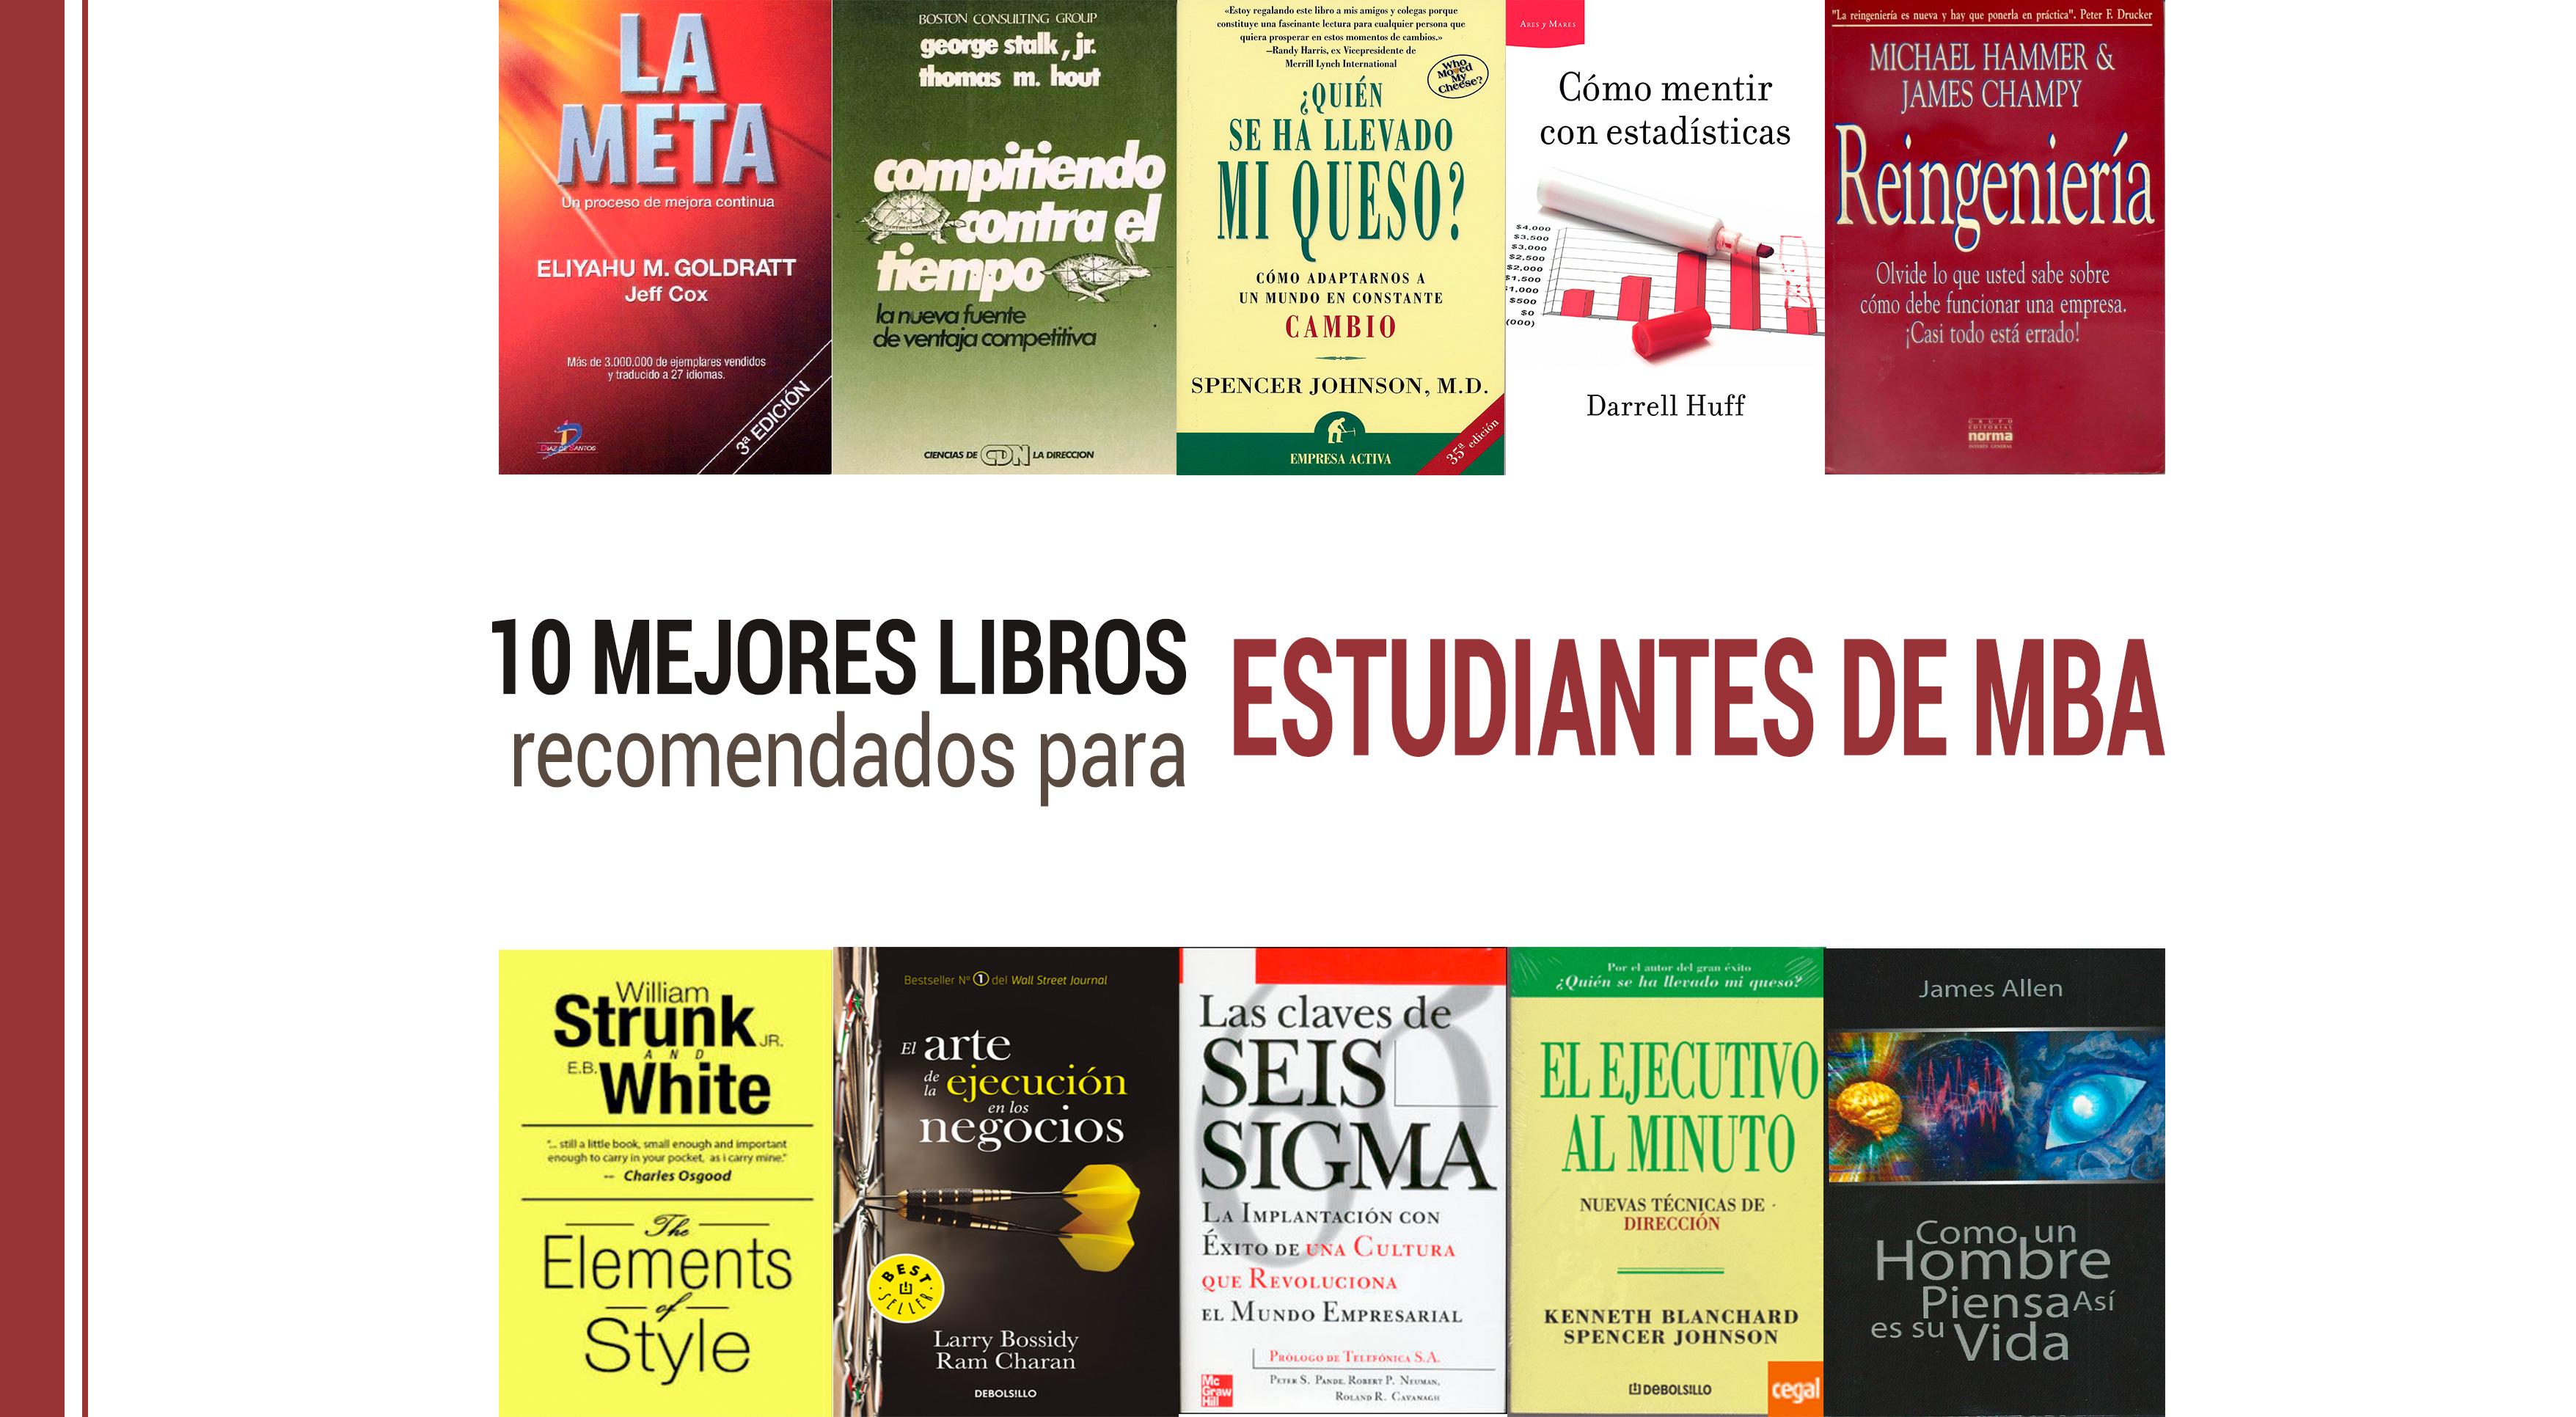 10-libros-recomendados-estudiantes-mba Los 10 mejores libros recomendados para estudiantes de MBA